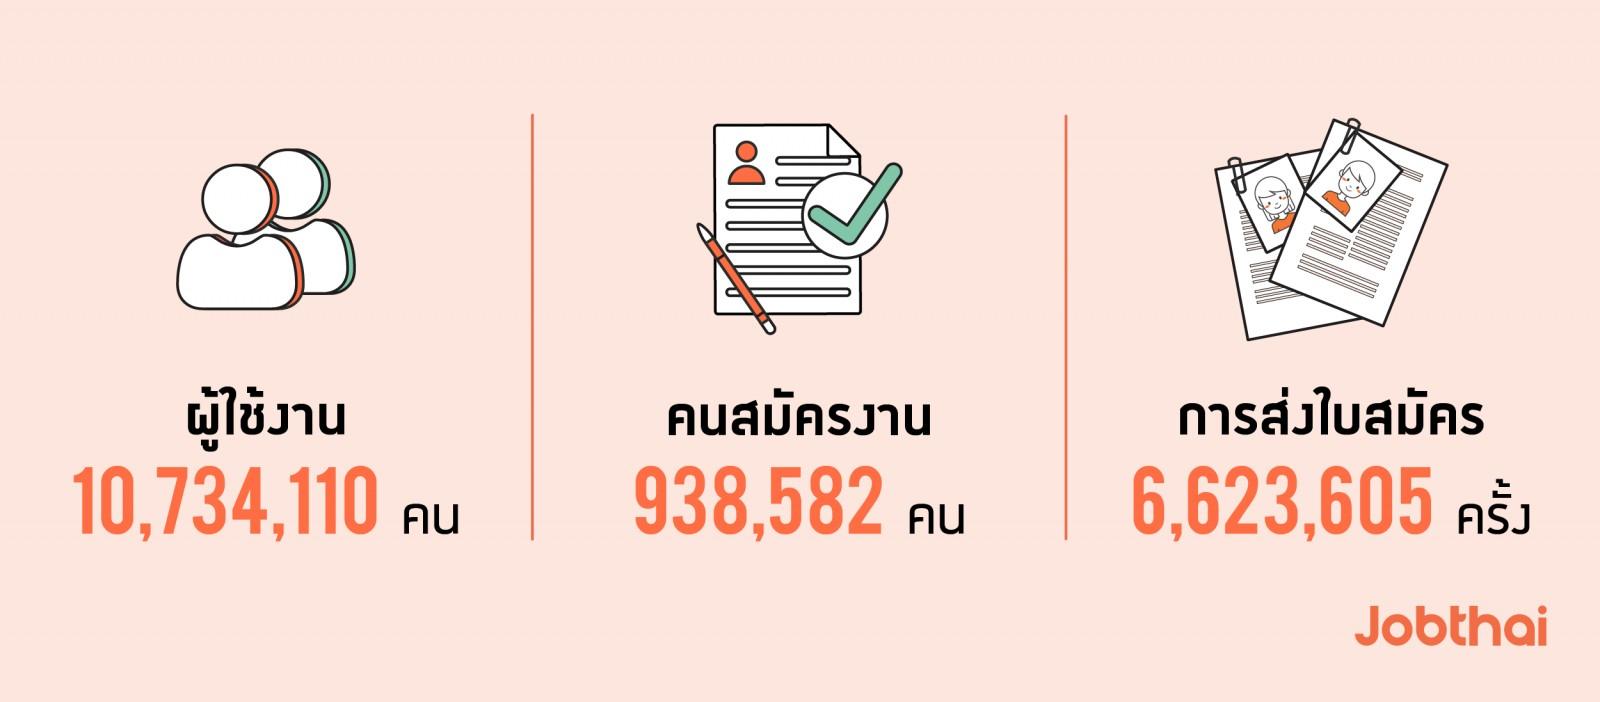 อัปเดตสถิติการใช้งานJobThaiในรอบครึ่งปี 2019 สถิติภาพรวม